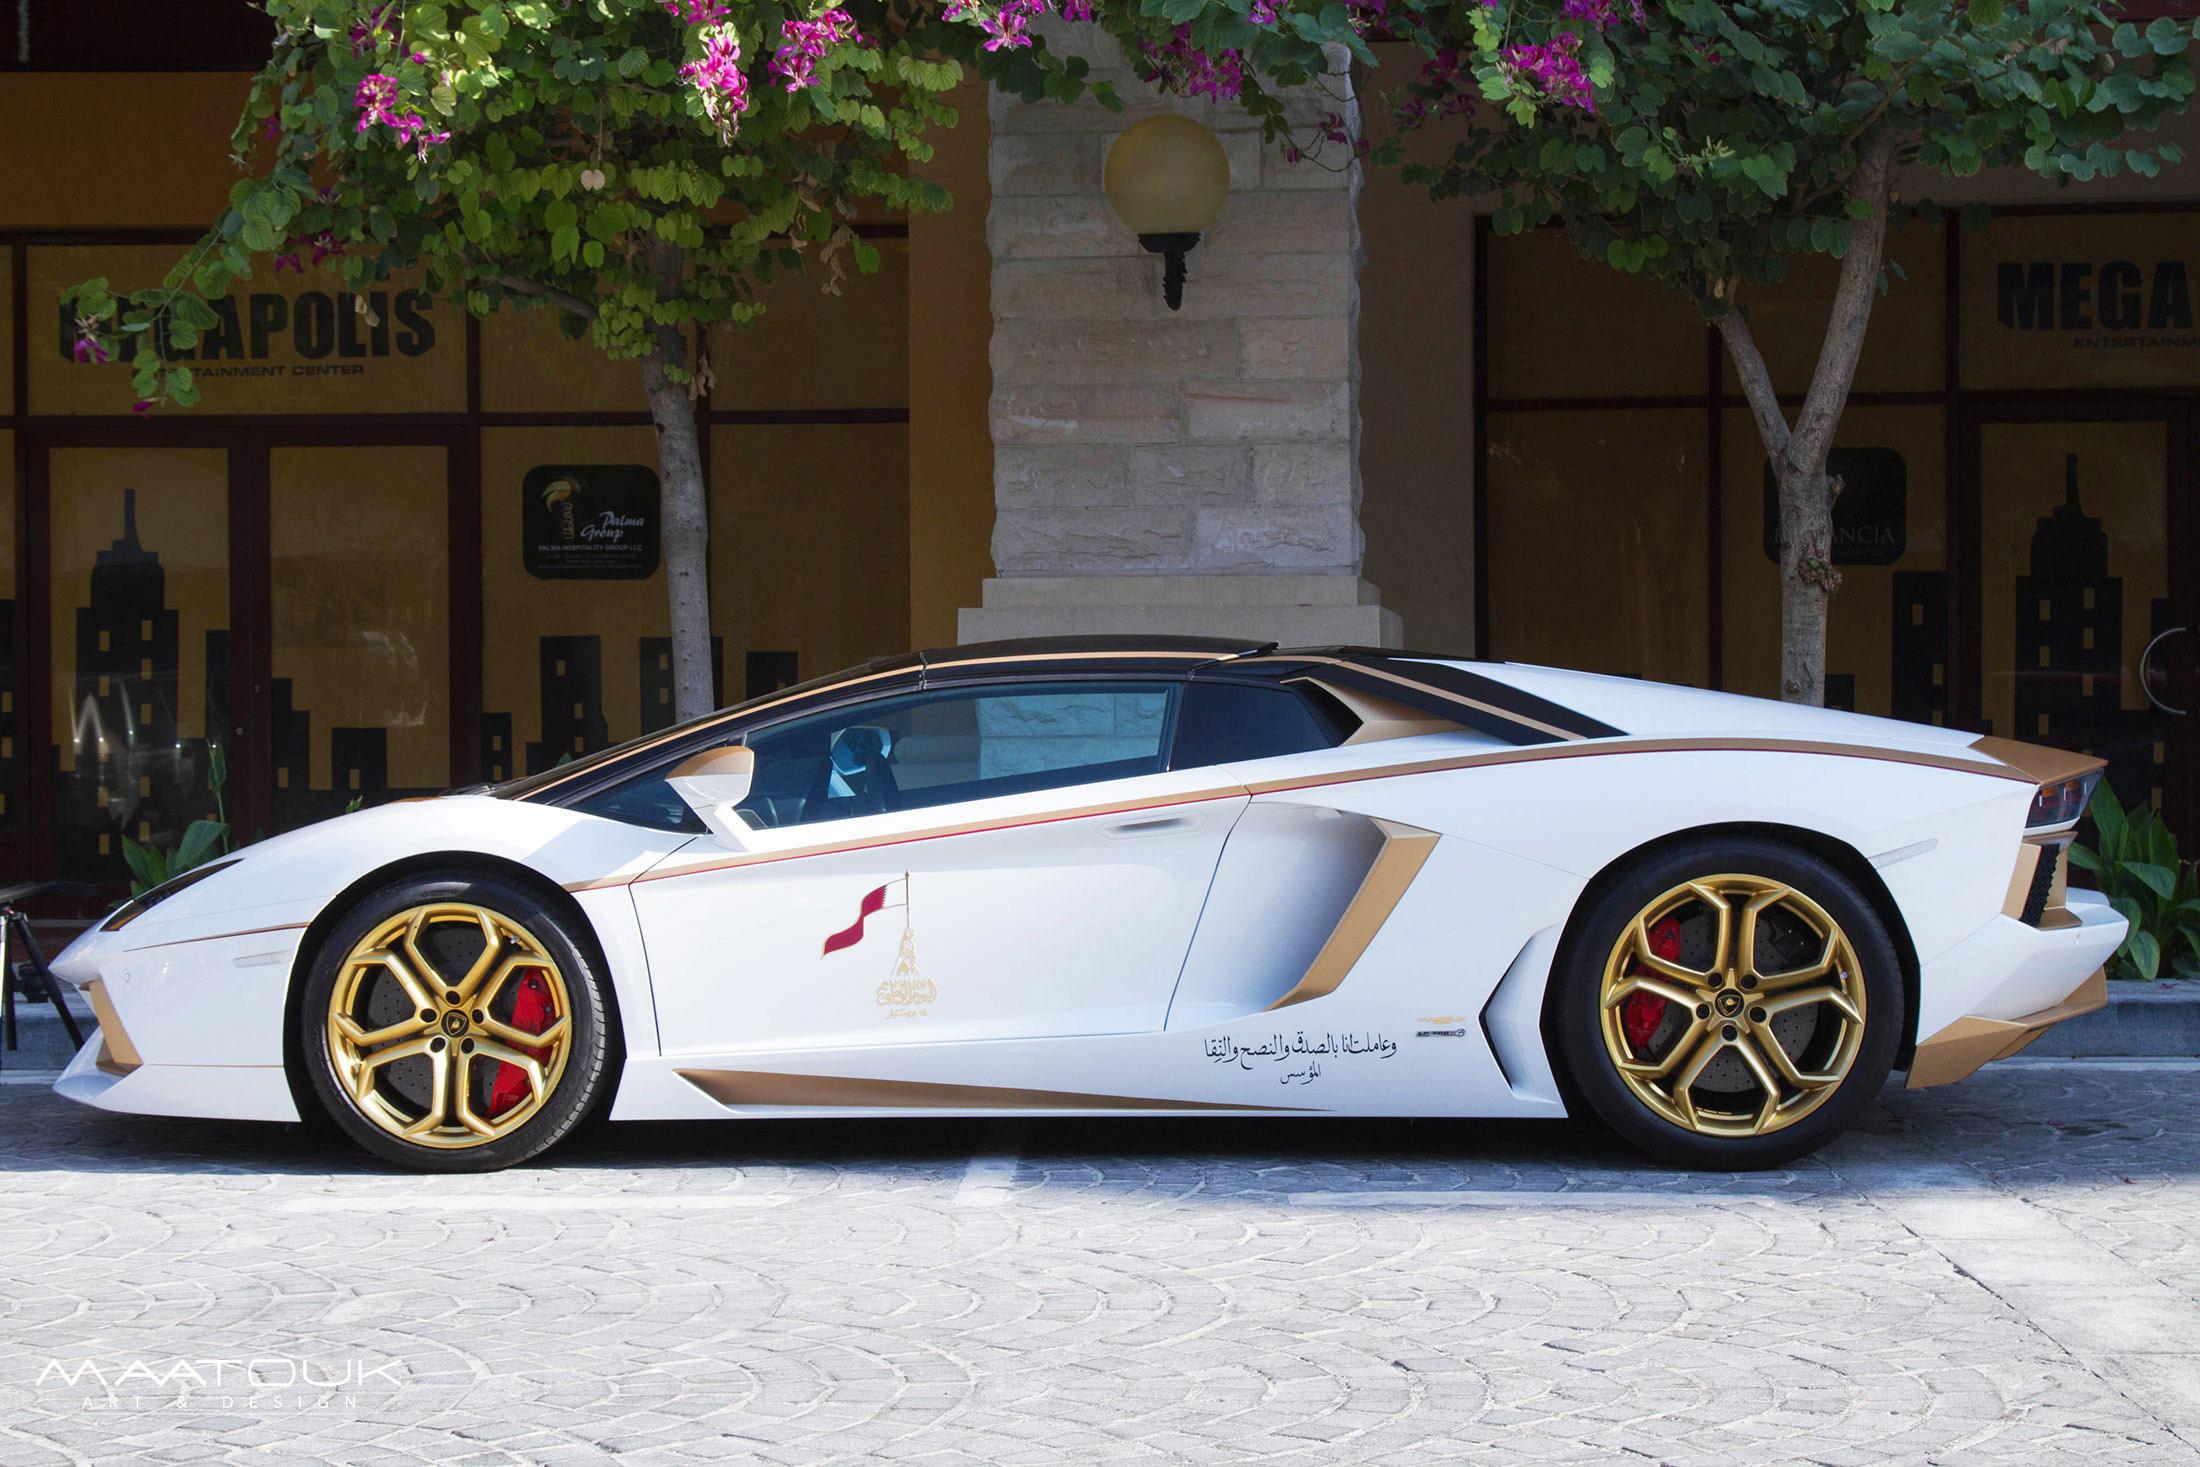 Lamborghini Aventador Roadster Golden Limited Edition Встретиться Ламборгини Авентадор родстер Золотой ограниченное издание [видео] - фотография №2